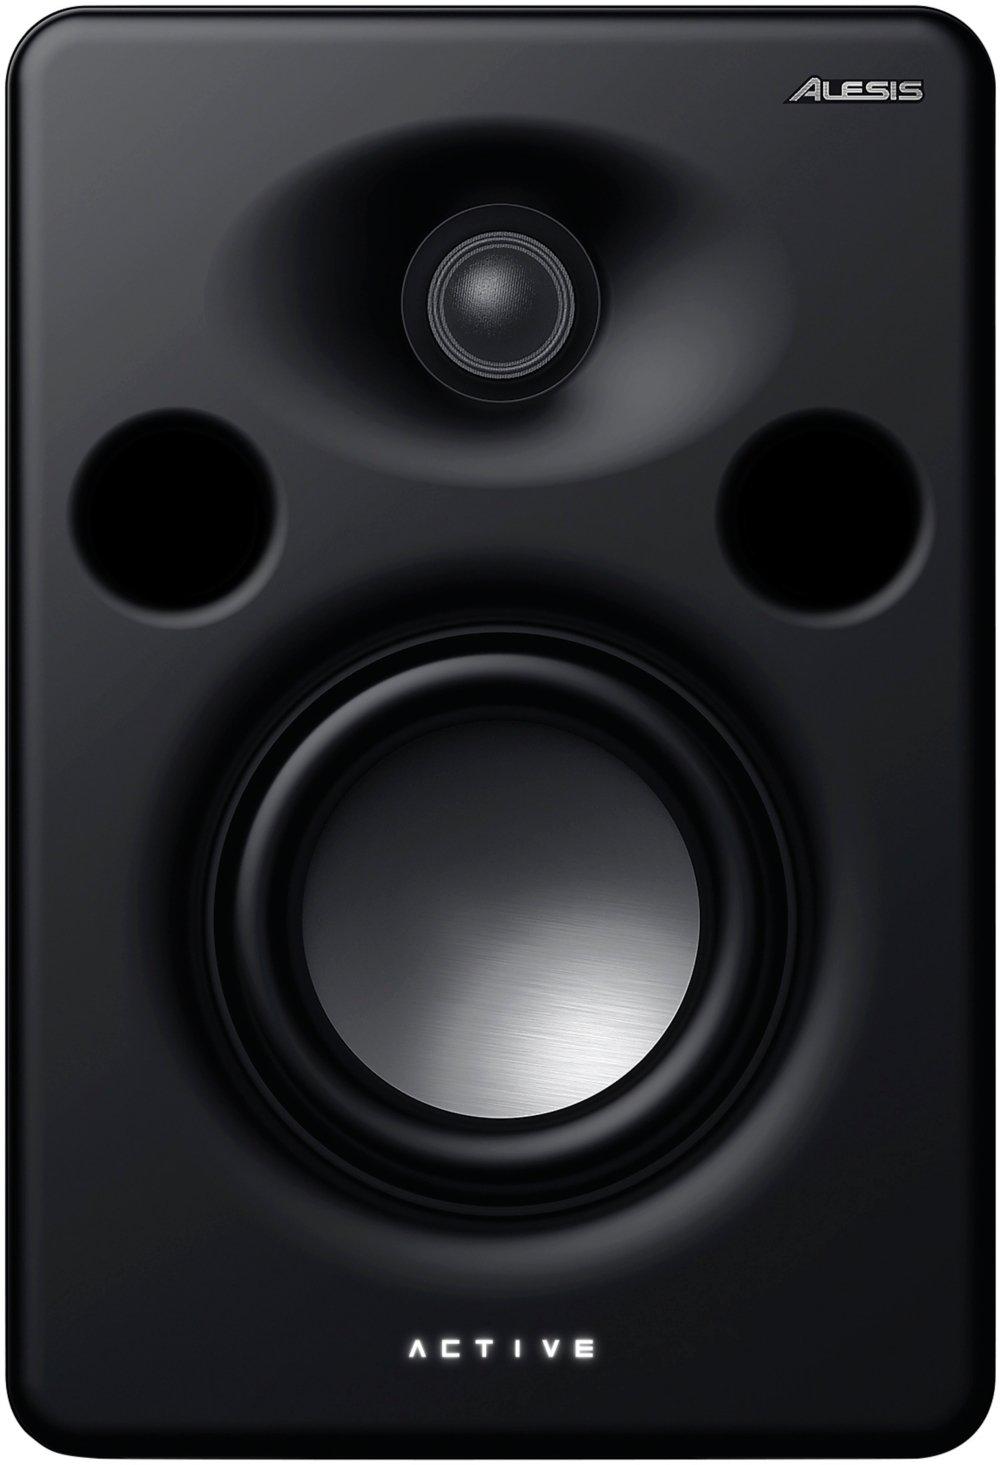 Alesis M1 ACTIVE MK3   Premium 5 Studio Monitor inMusic Brands Inc.